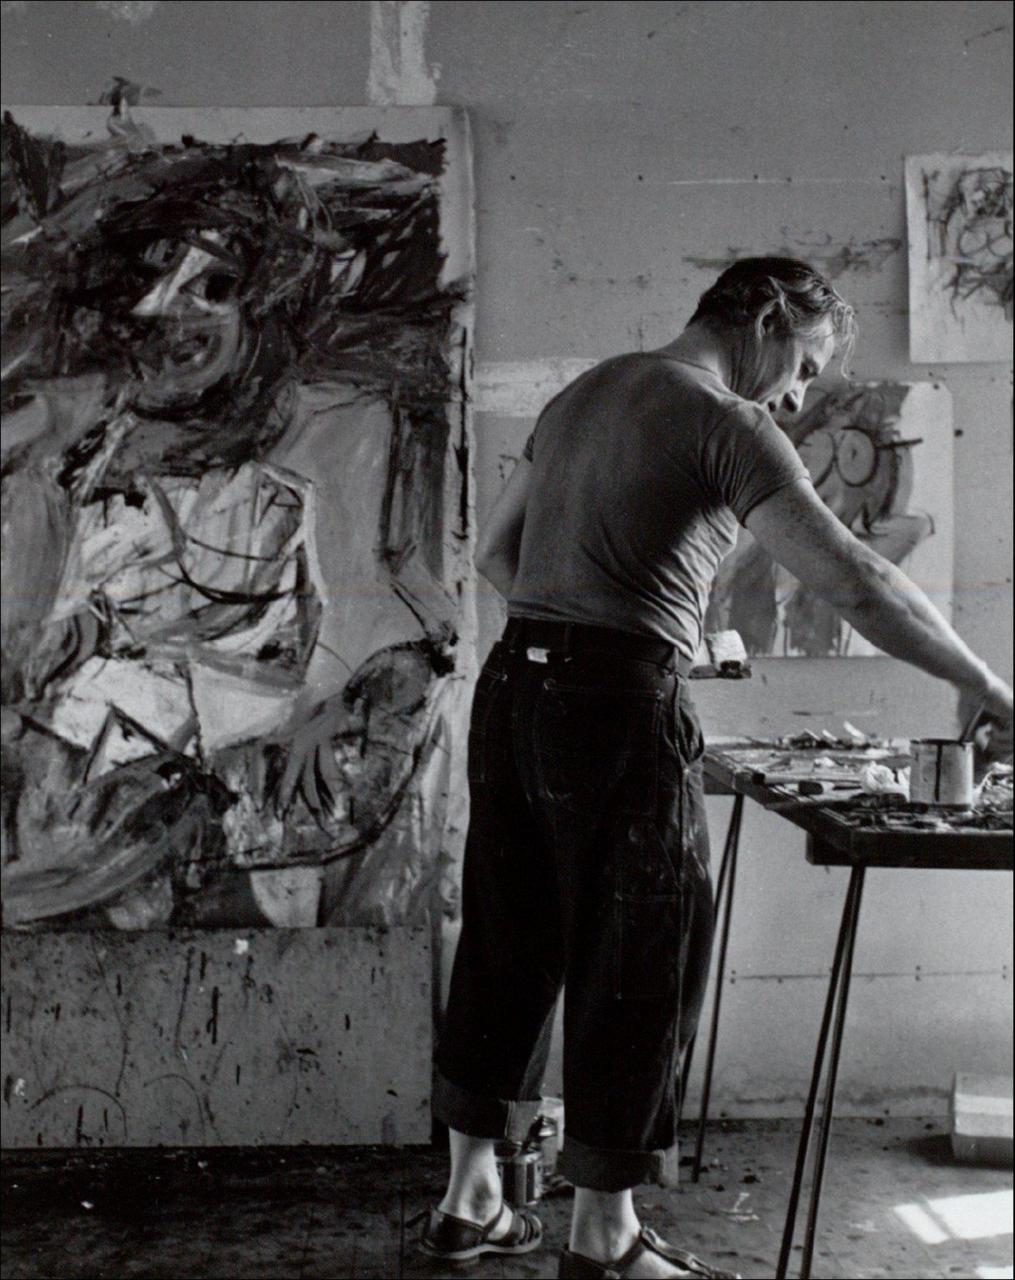 texturism:Willem de Kooning in 1952